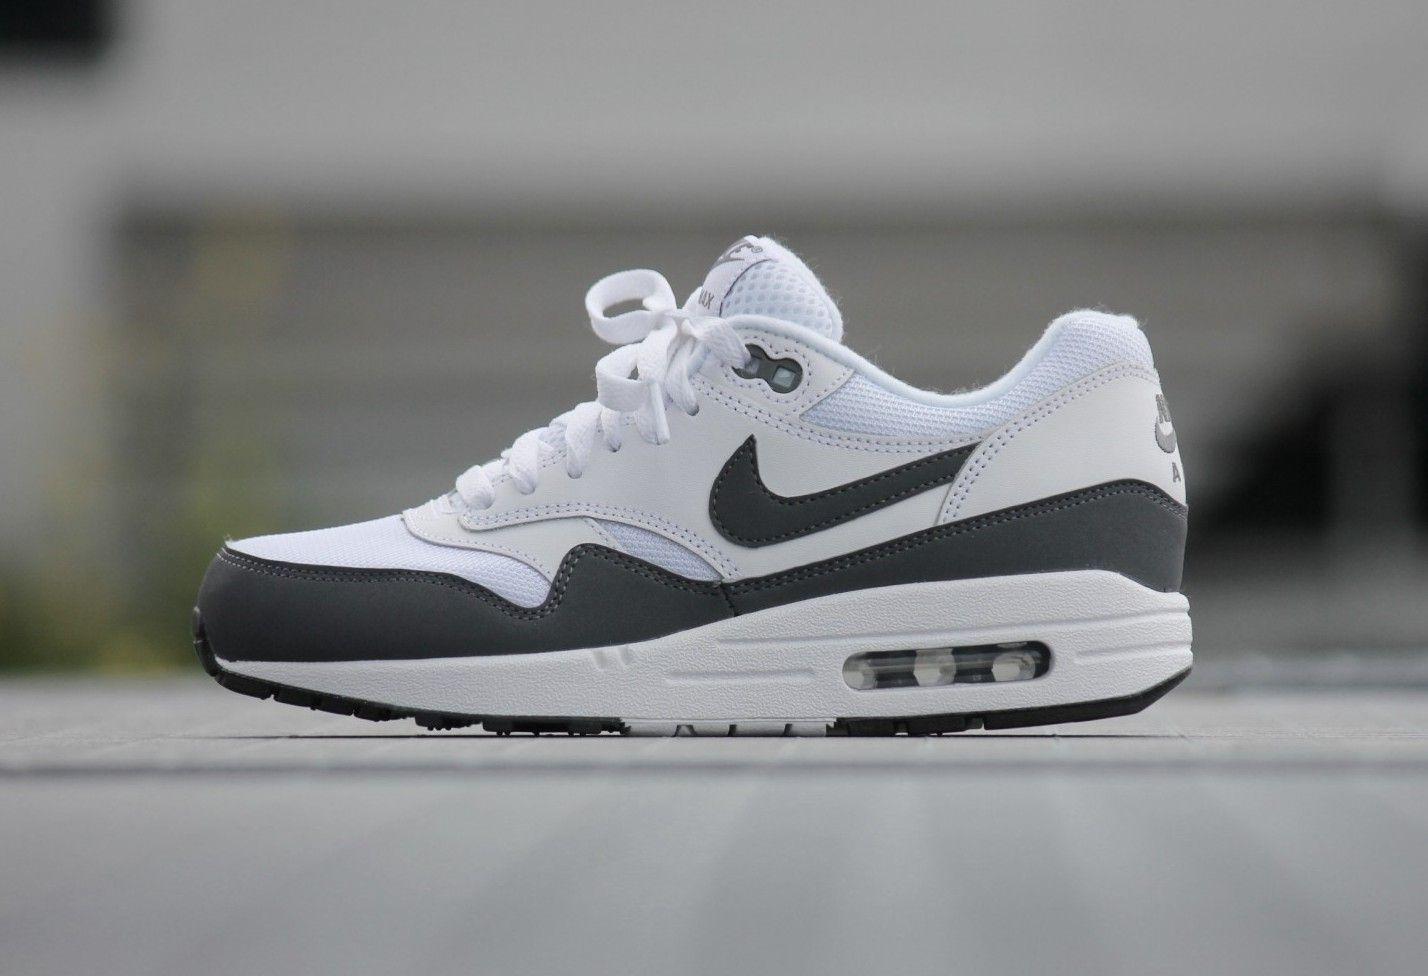 Nike Air Max 1 Essential White/Dark